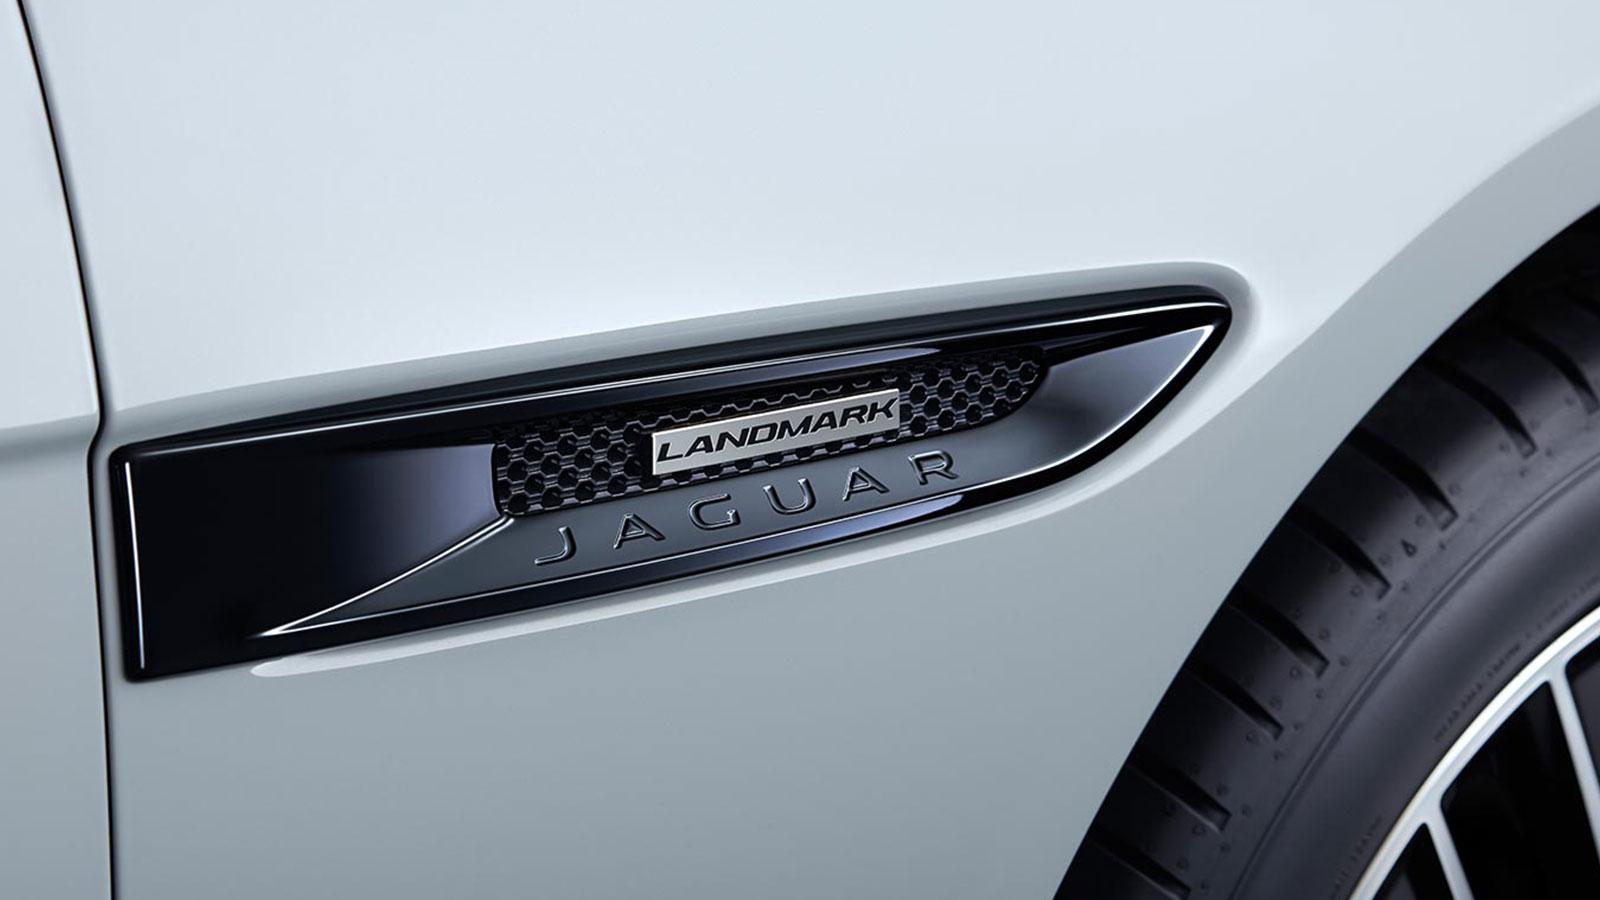 Jaguar XE 2.0d R-Dynamic HSE image 15